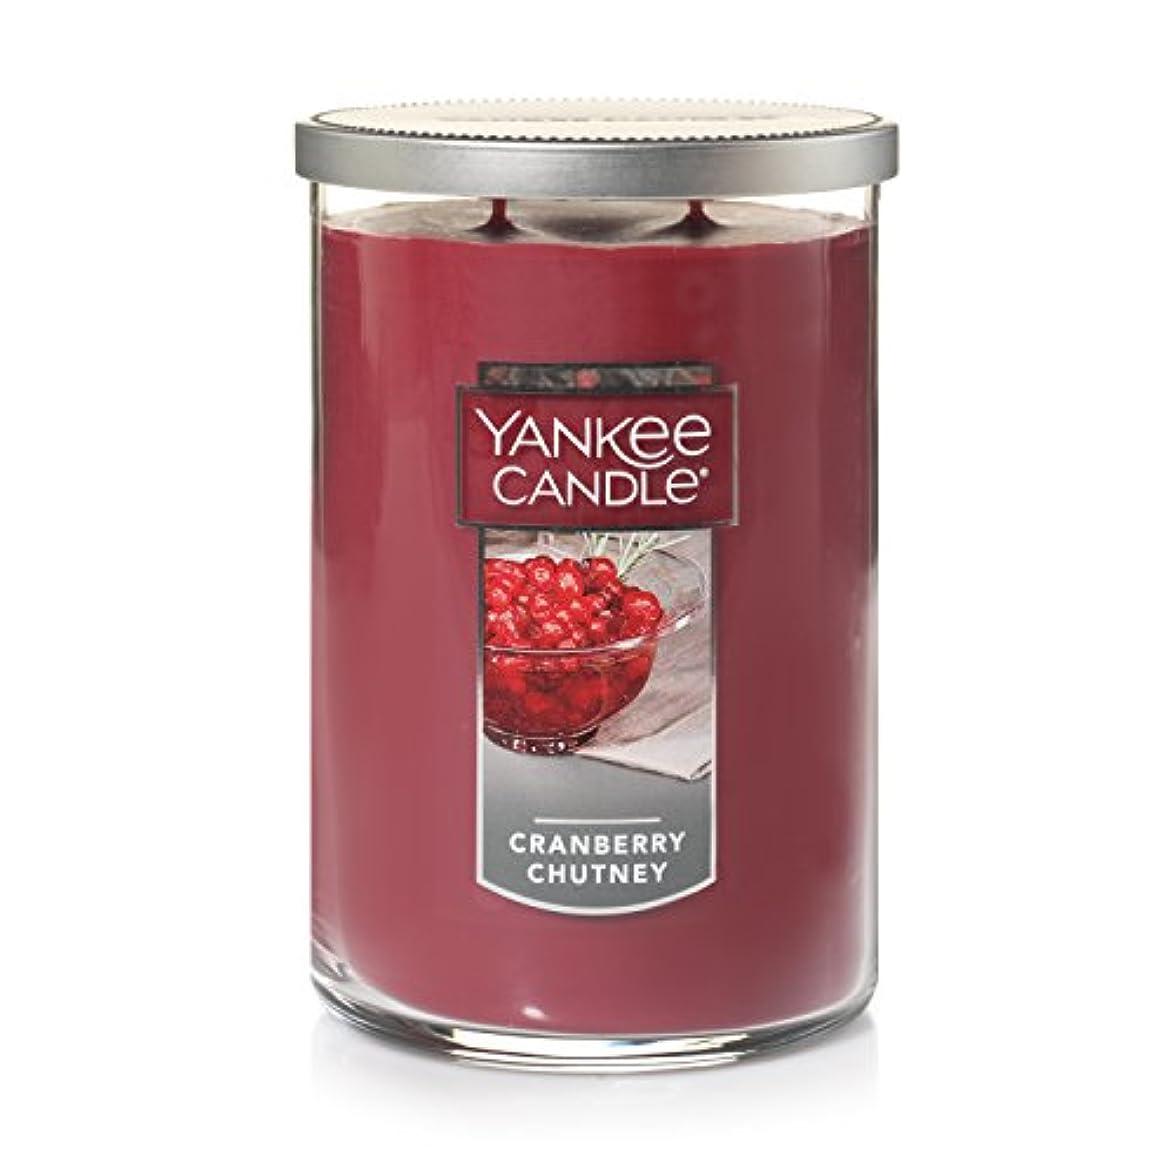 虚偽意味する医療過誤Yankee CandleクランベリーChutney、フルーツ香り Large 2-Wick Tumbler Candle オレンジ 1123208